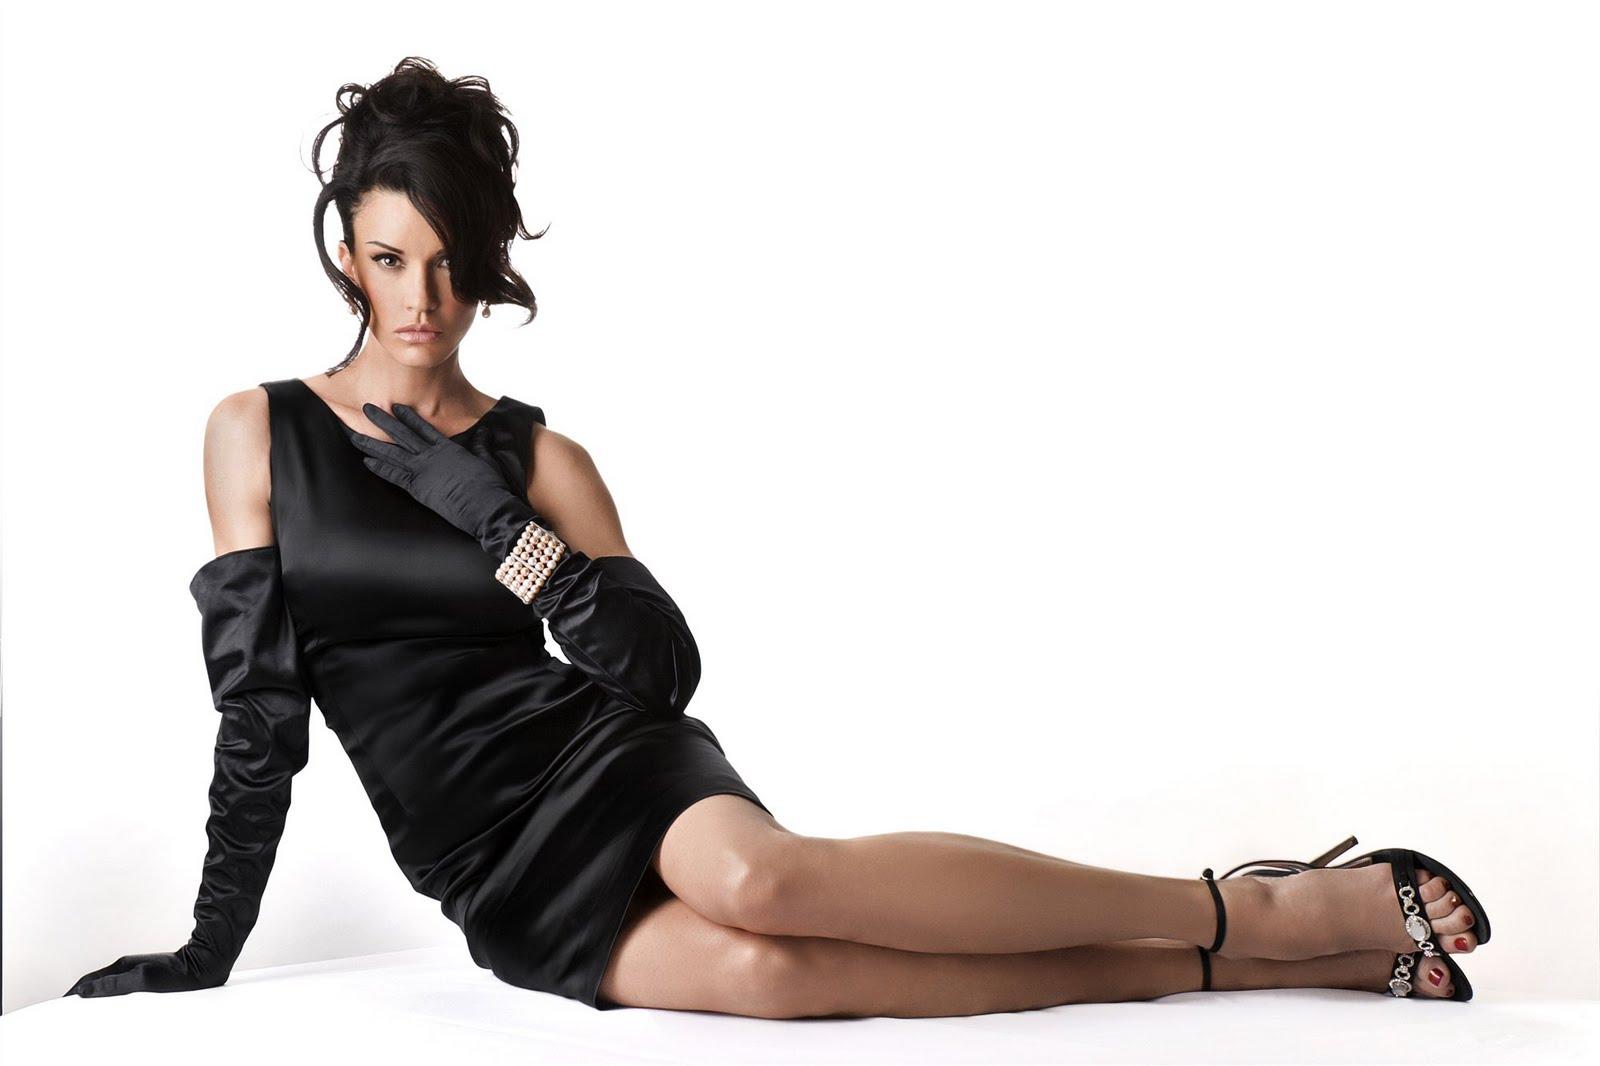 http://4.bp.blogspot.com/_UaLWp72nij4/S9X28dibNjI/AAAAAAAAIpw/ZjrKOeL6e80/s1600/janice-dickinson-feet.jpg